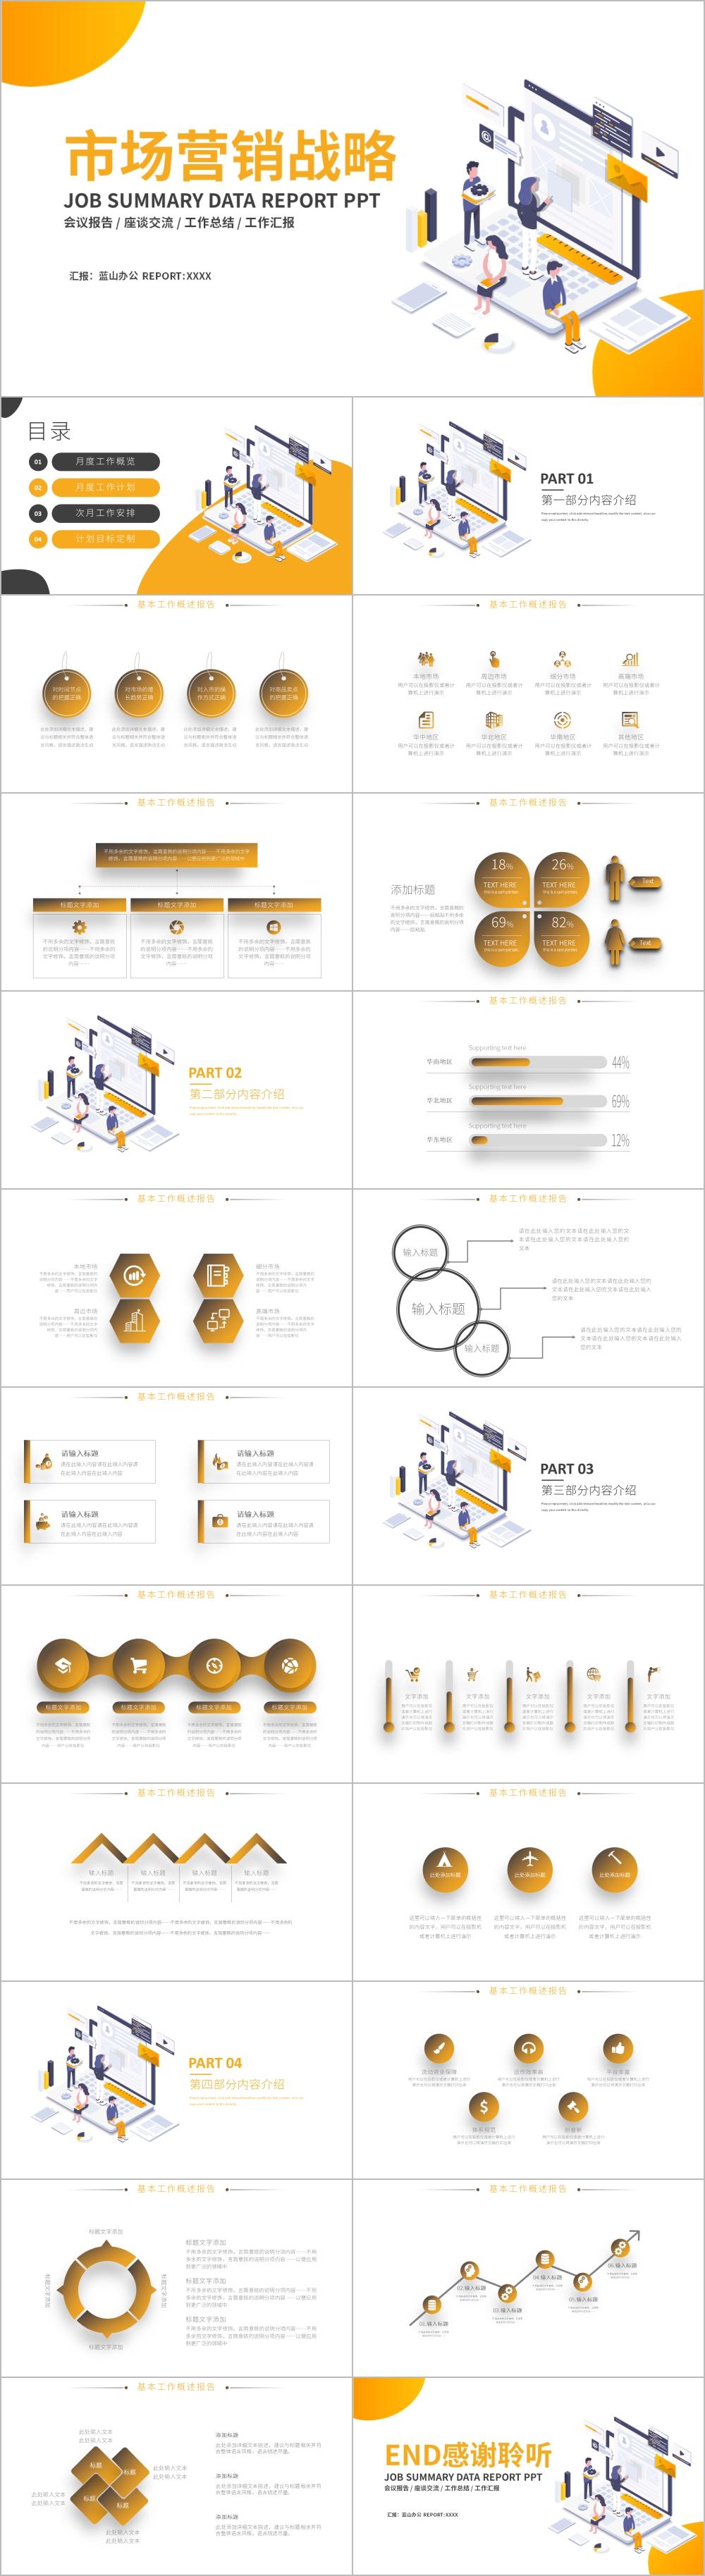 橙黑色商务简约市场营销计划书PPT模版